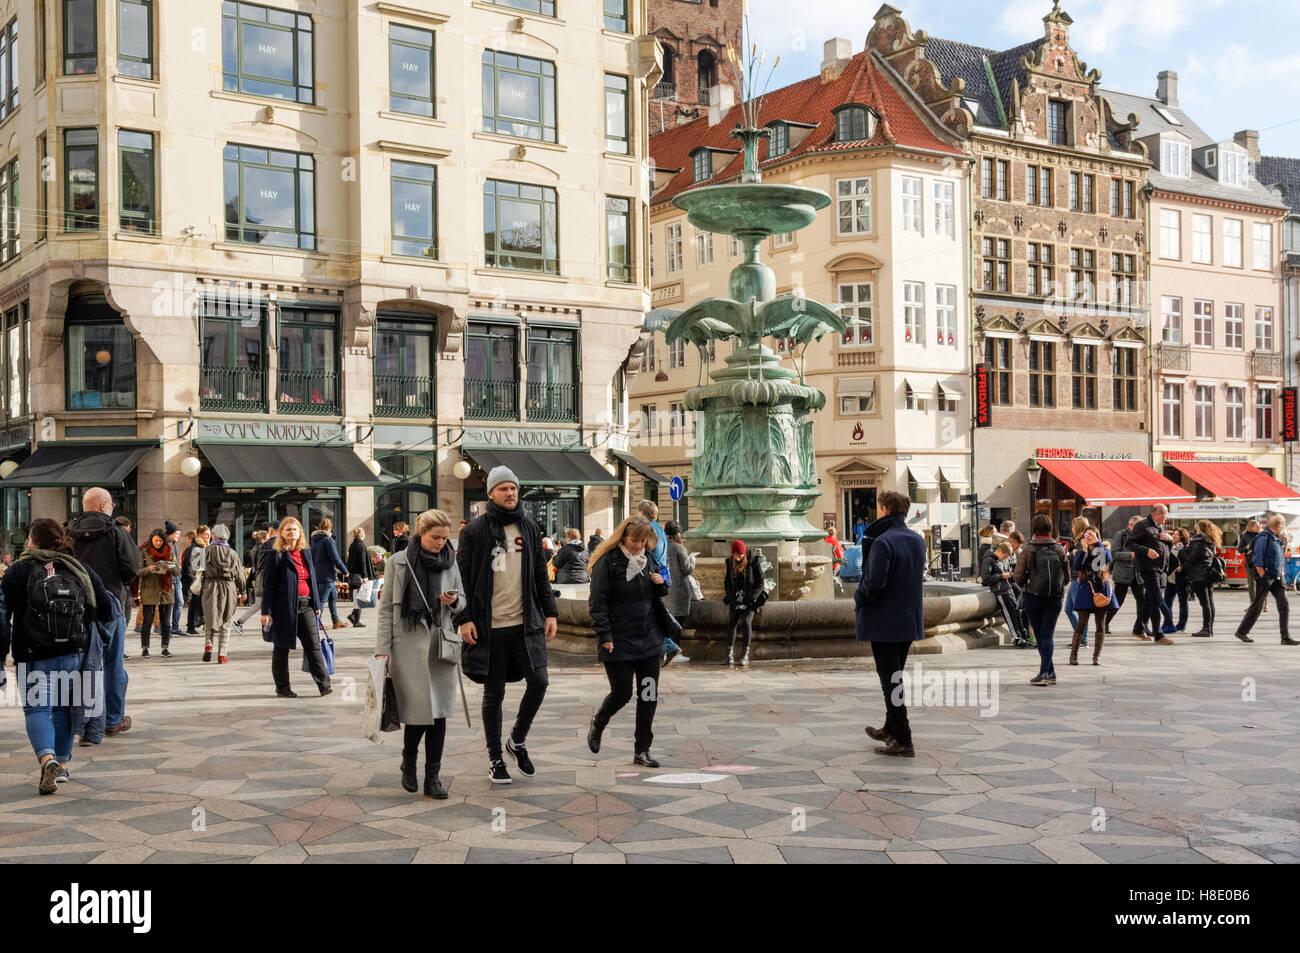 The Stork Fountain on Amagertorv (Amager Square) in Copenhagen, Denmark - Stock Image